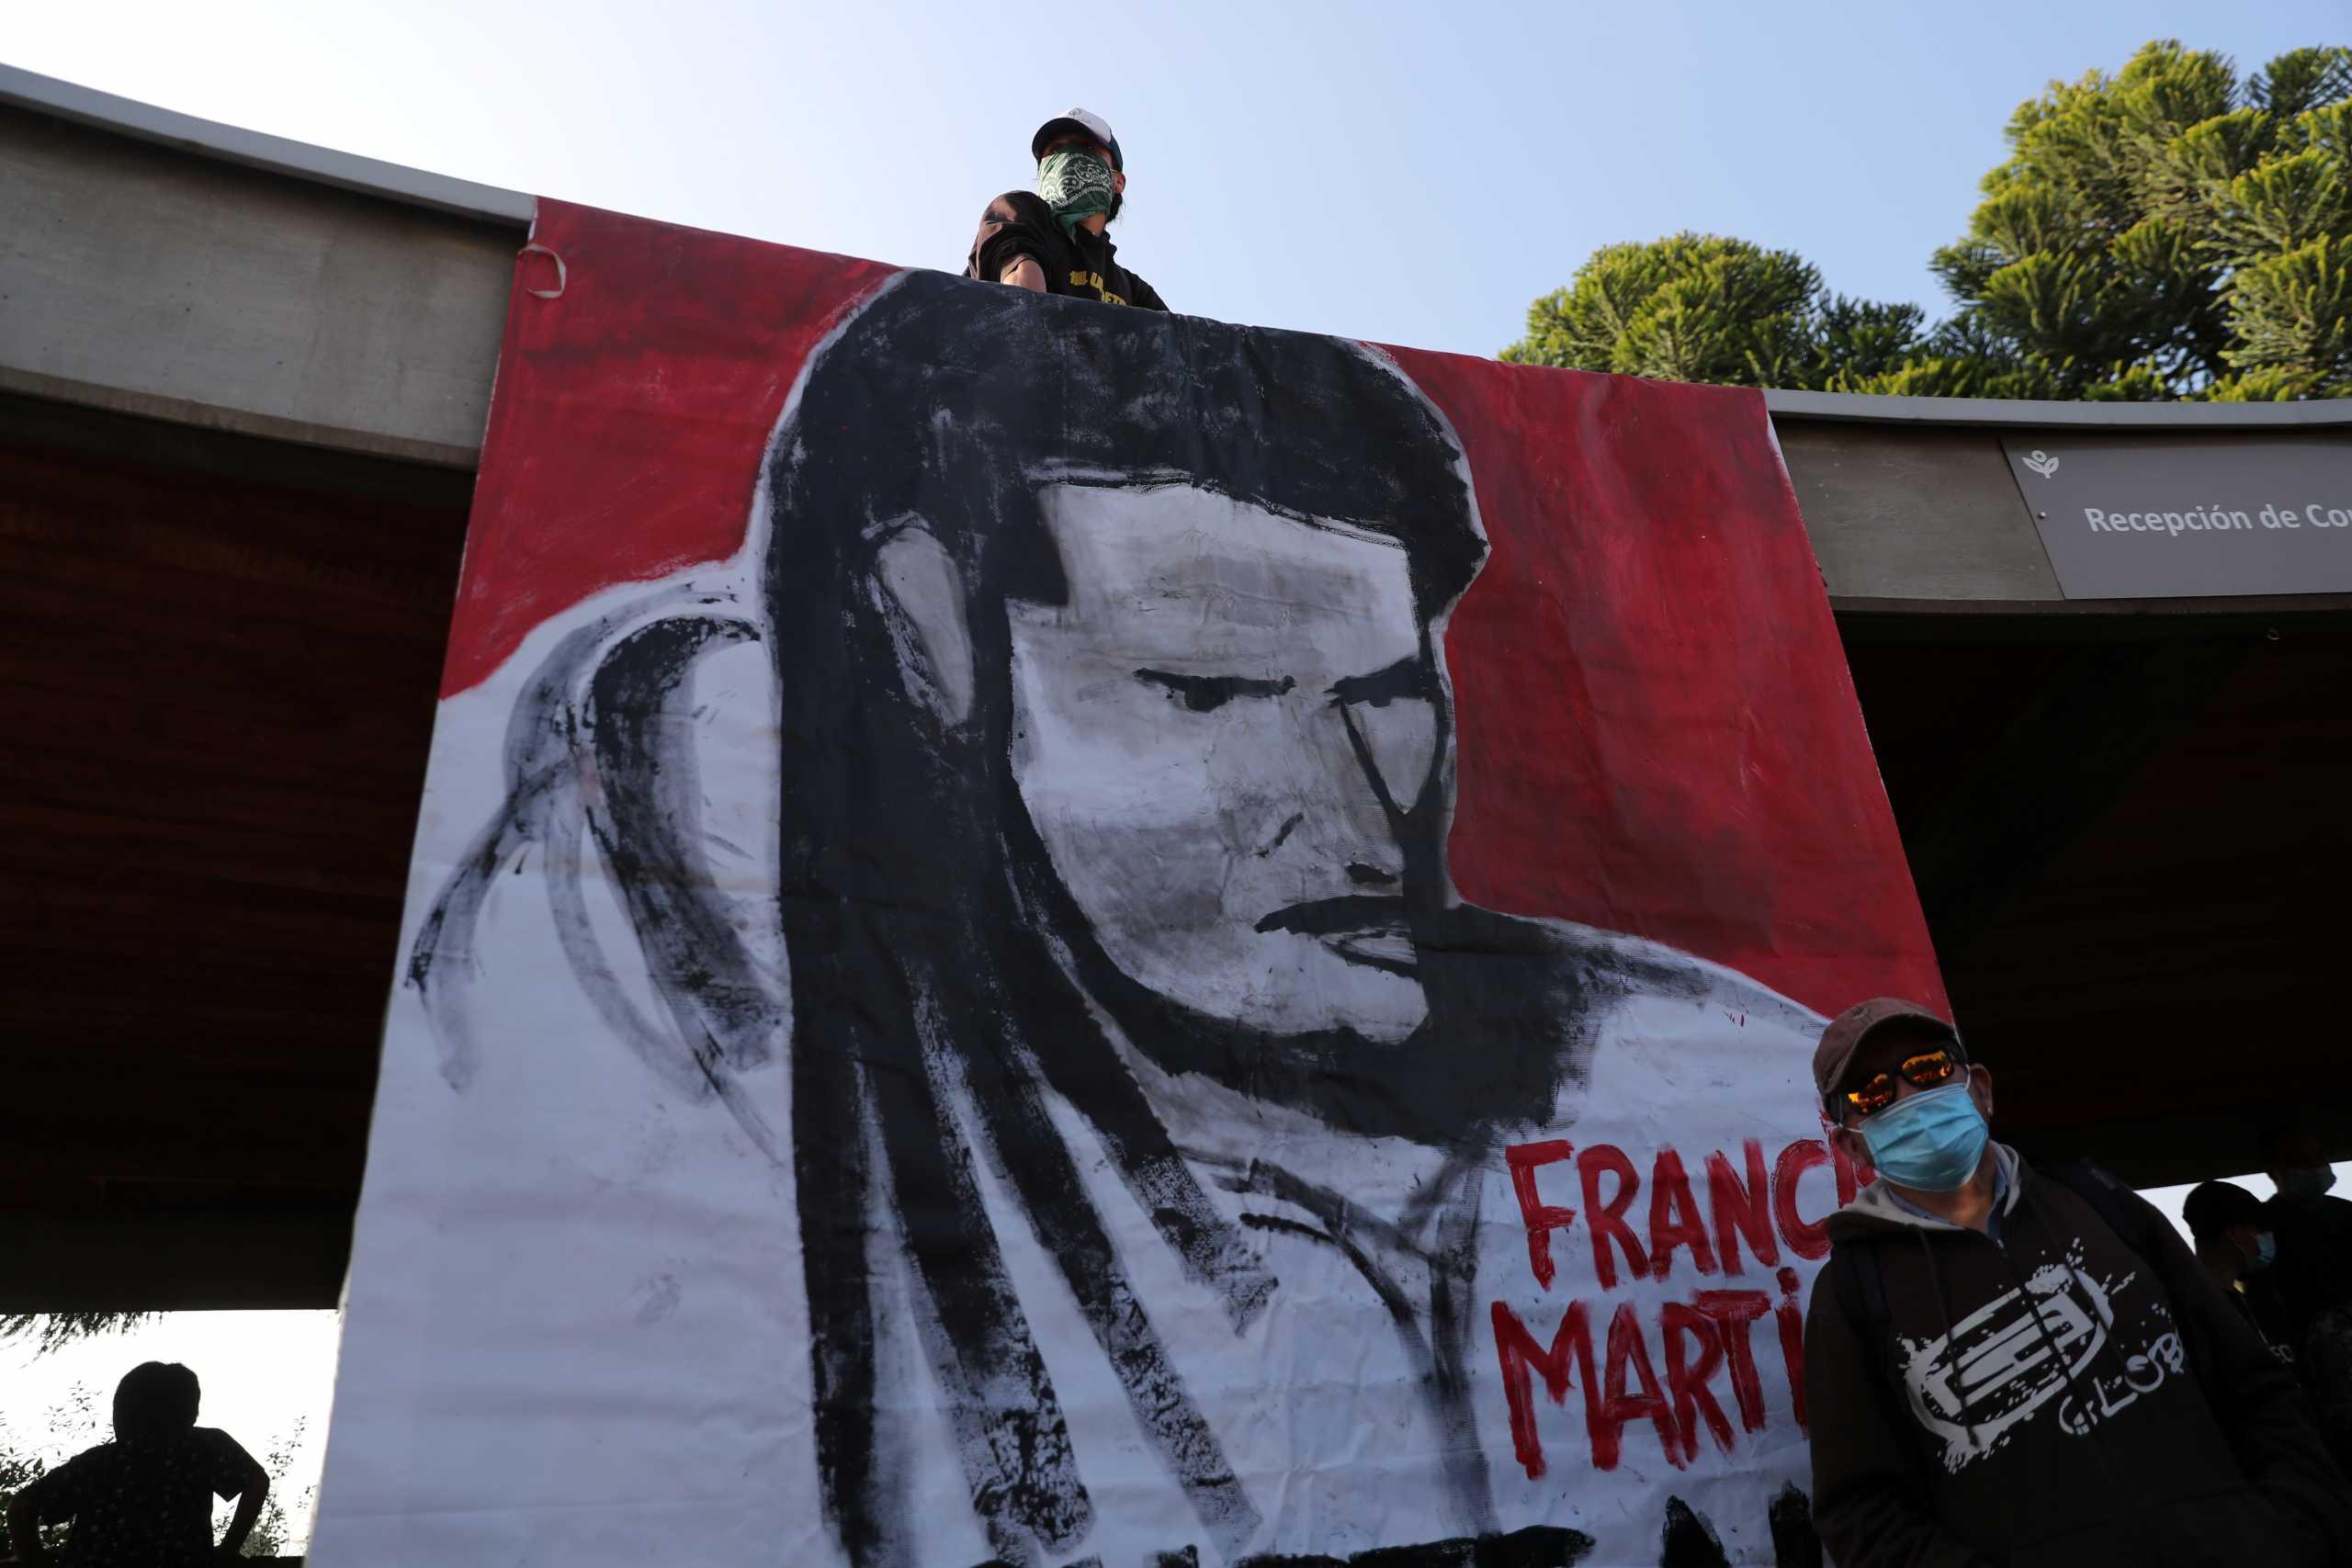 Χιλή: Το τελευταίο αντίο στον καλλιτέχνη του δρόμου που σκοτώθηκε από πυρά αστυνομικού (pics)